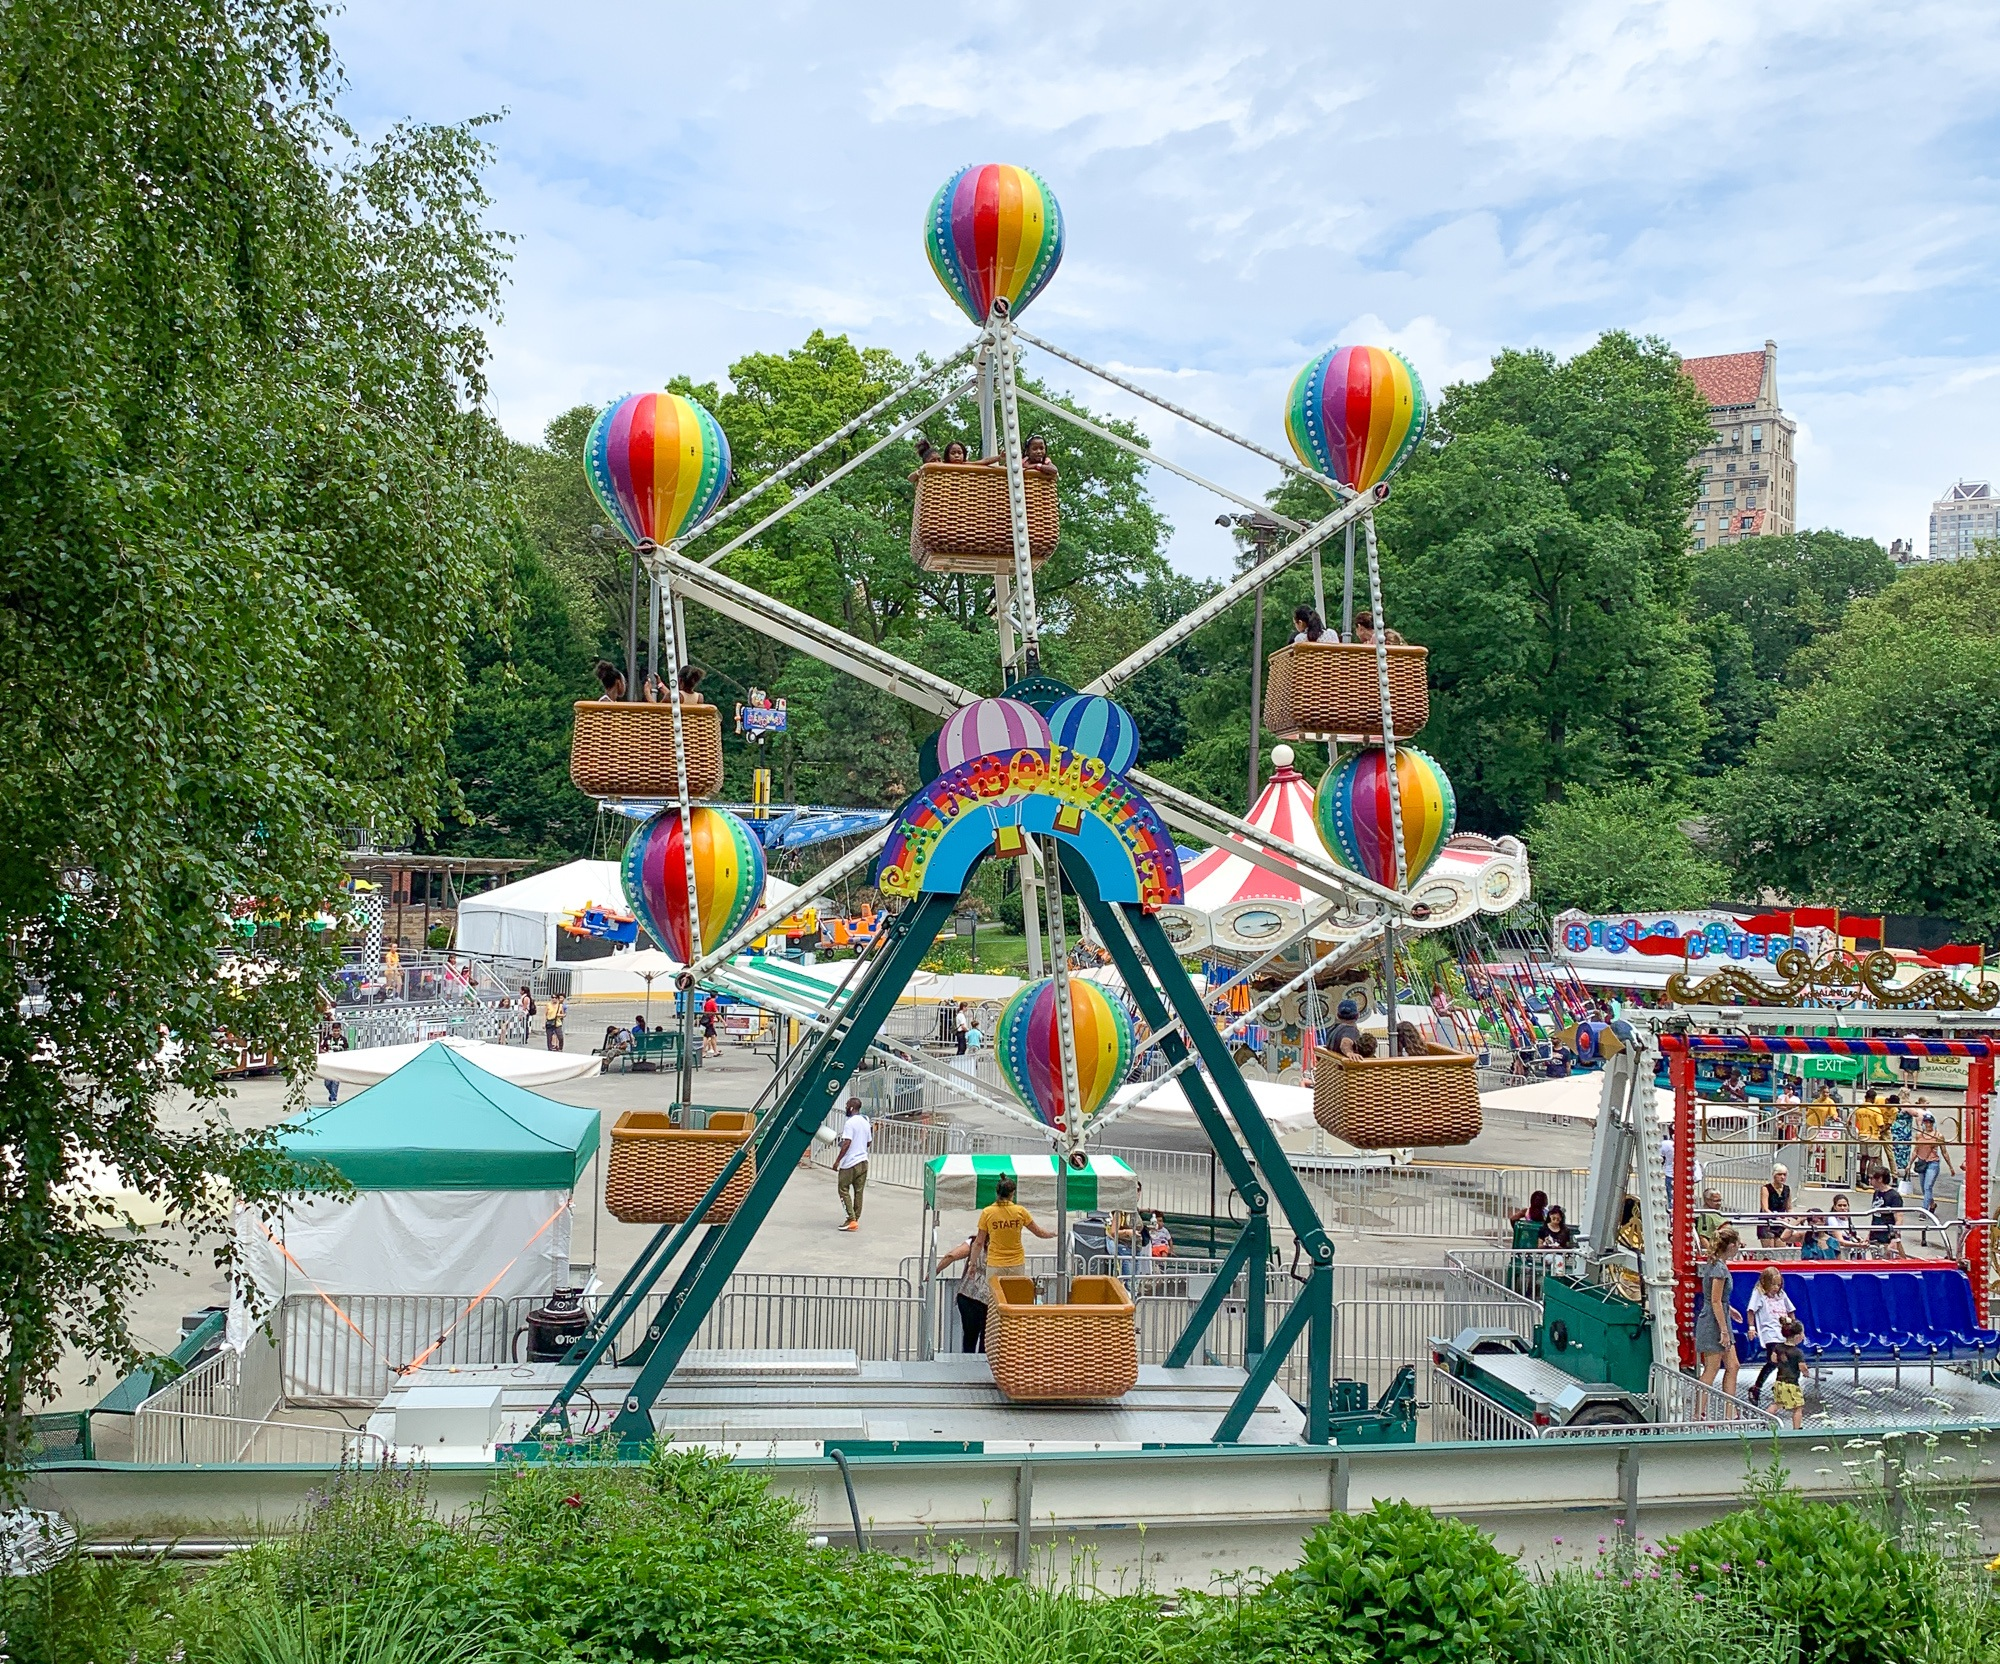 Victorian Gardens Amusement Park in Central Park in summer